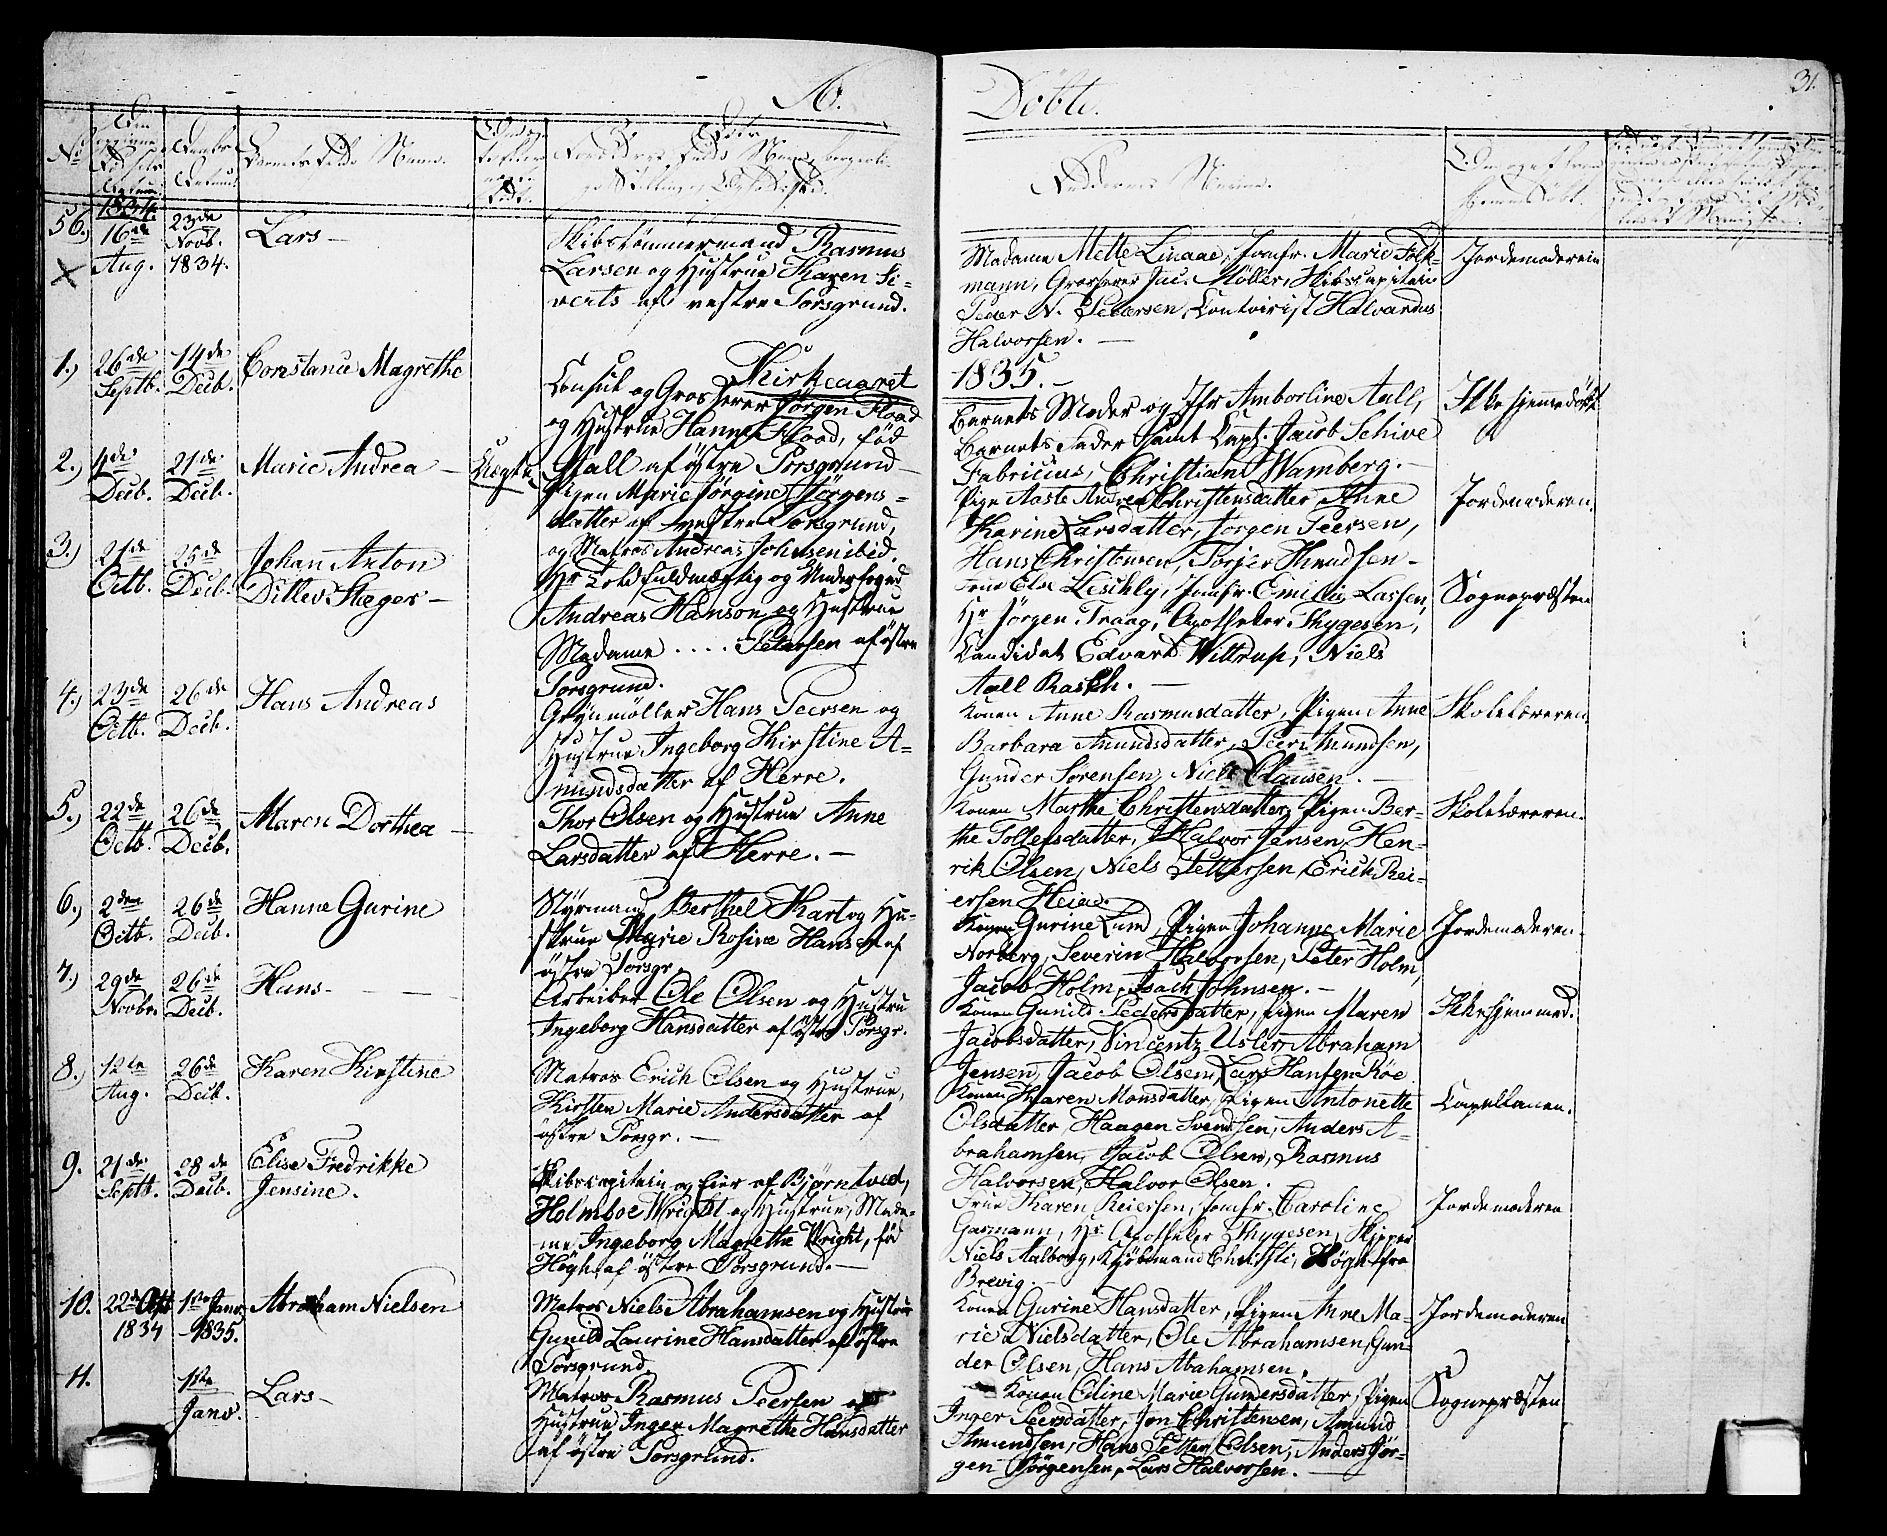 SAKO, Porsgrunn kirkebøker , G/Gb/L0002: Klokkerbok nr. II 2, 1828-1841, s. 31